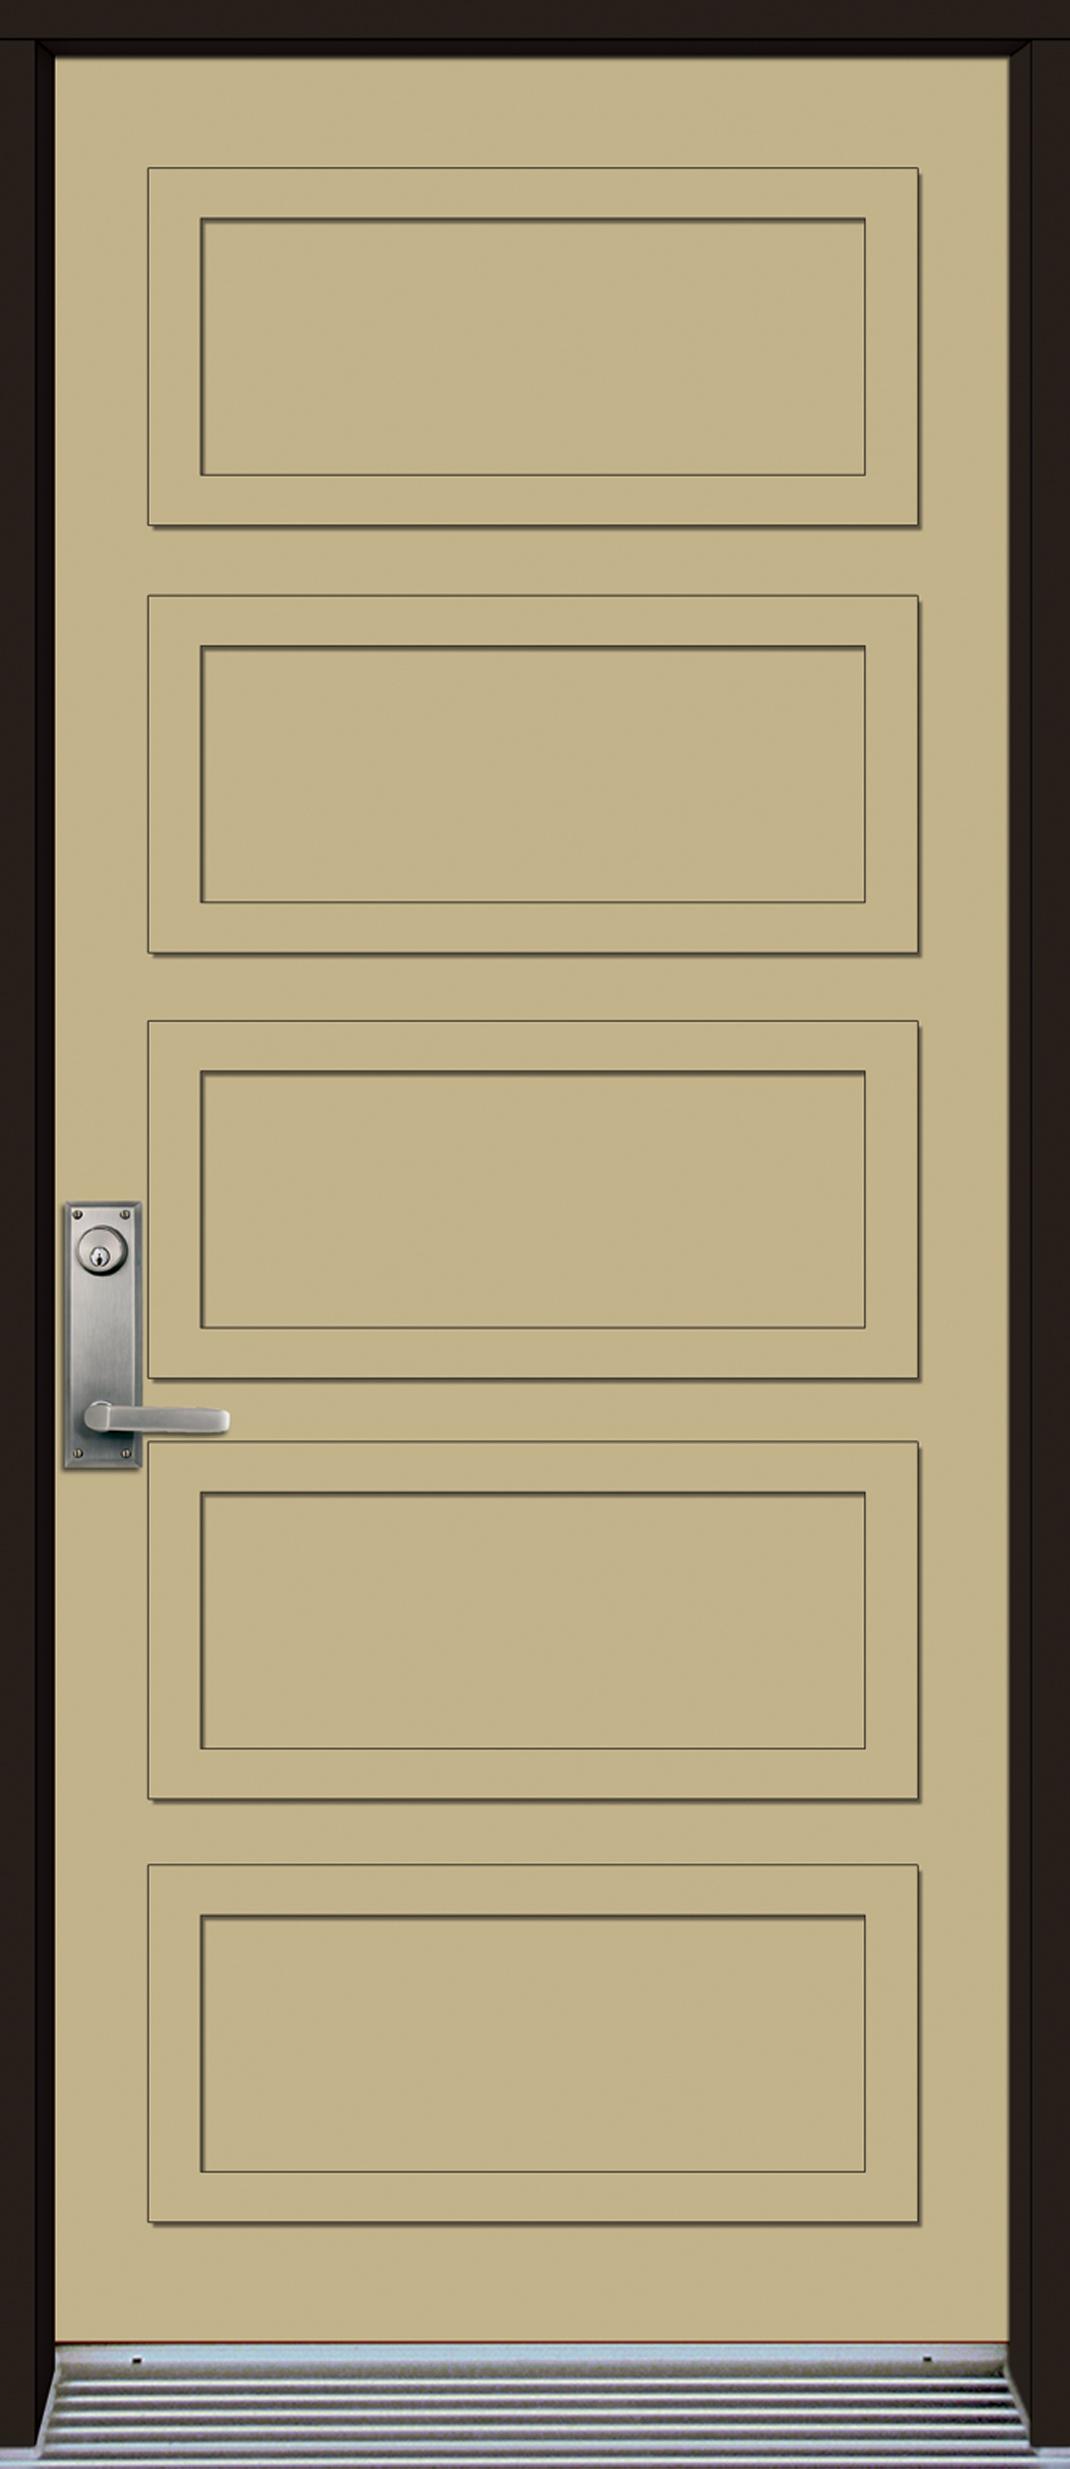 Porte contemporaine gamma 4 portatec for Porte contemporaine